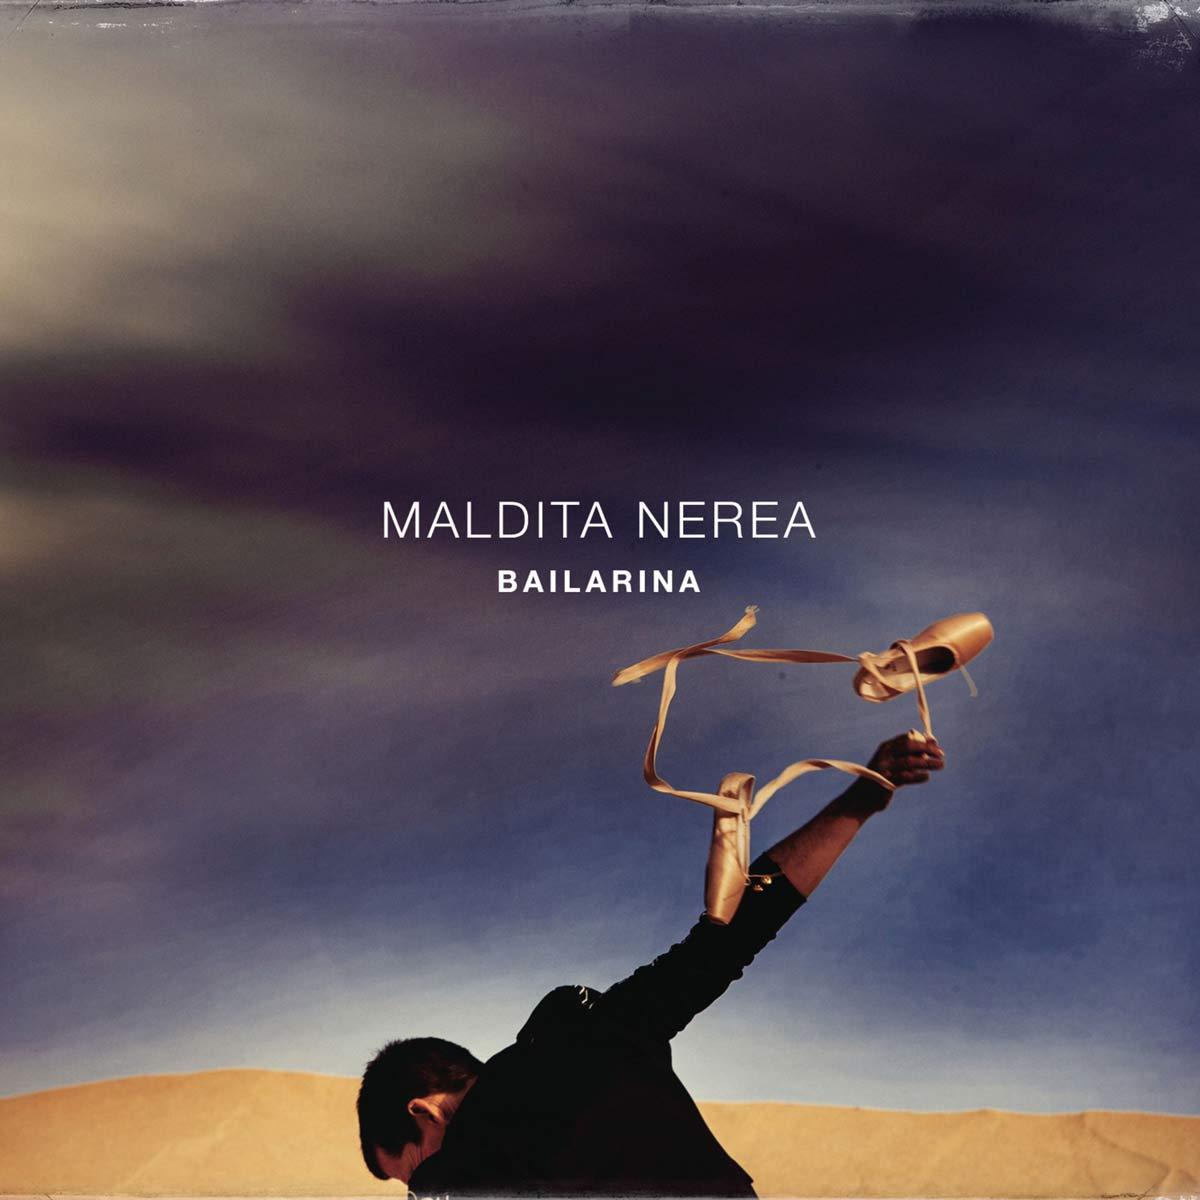 """Maldita Nerea publica hoy su nuevo álbum """"Bailarina"""" y comienza hoy la gira de firmas de discos"""